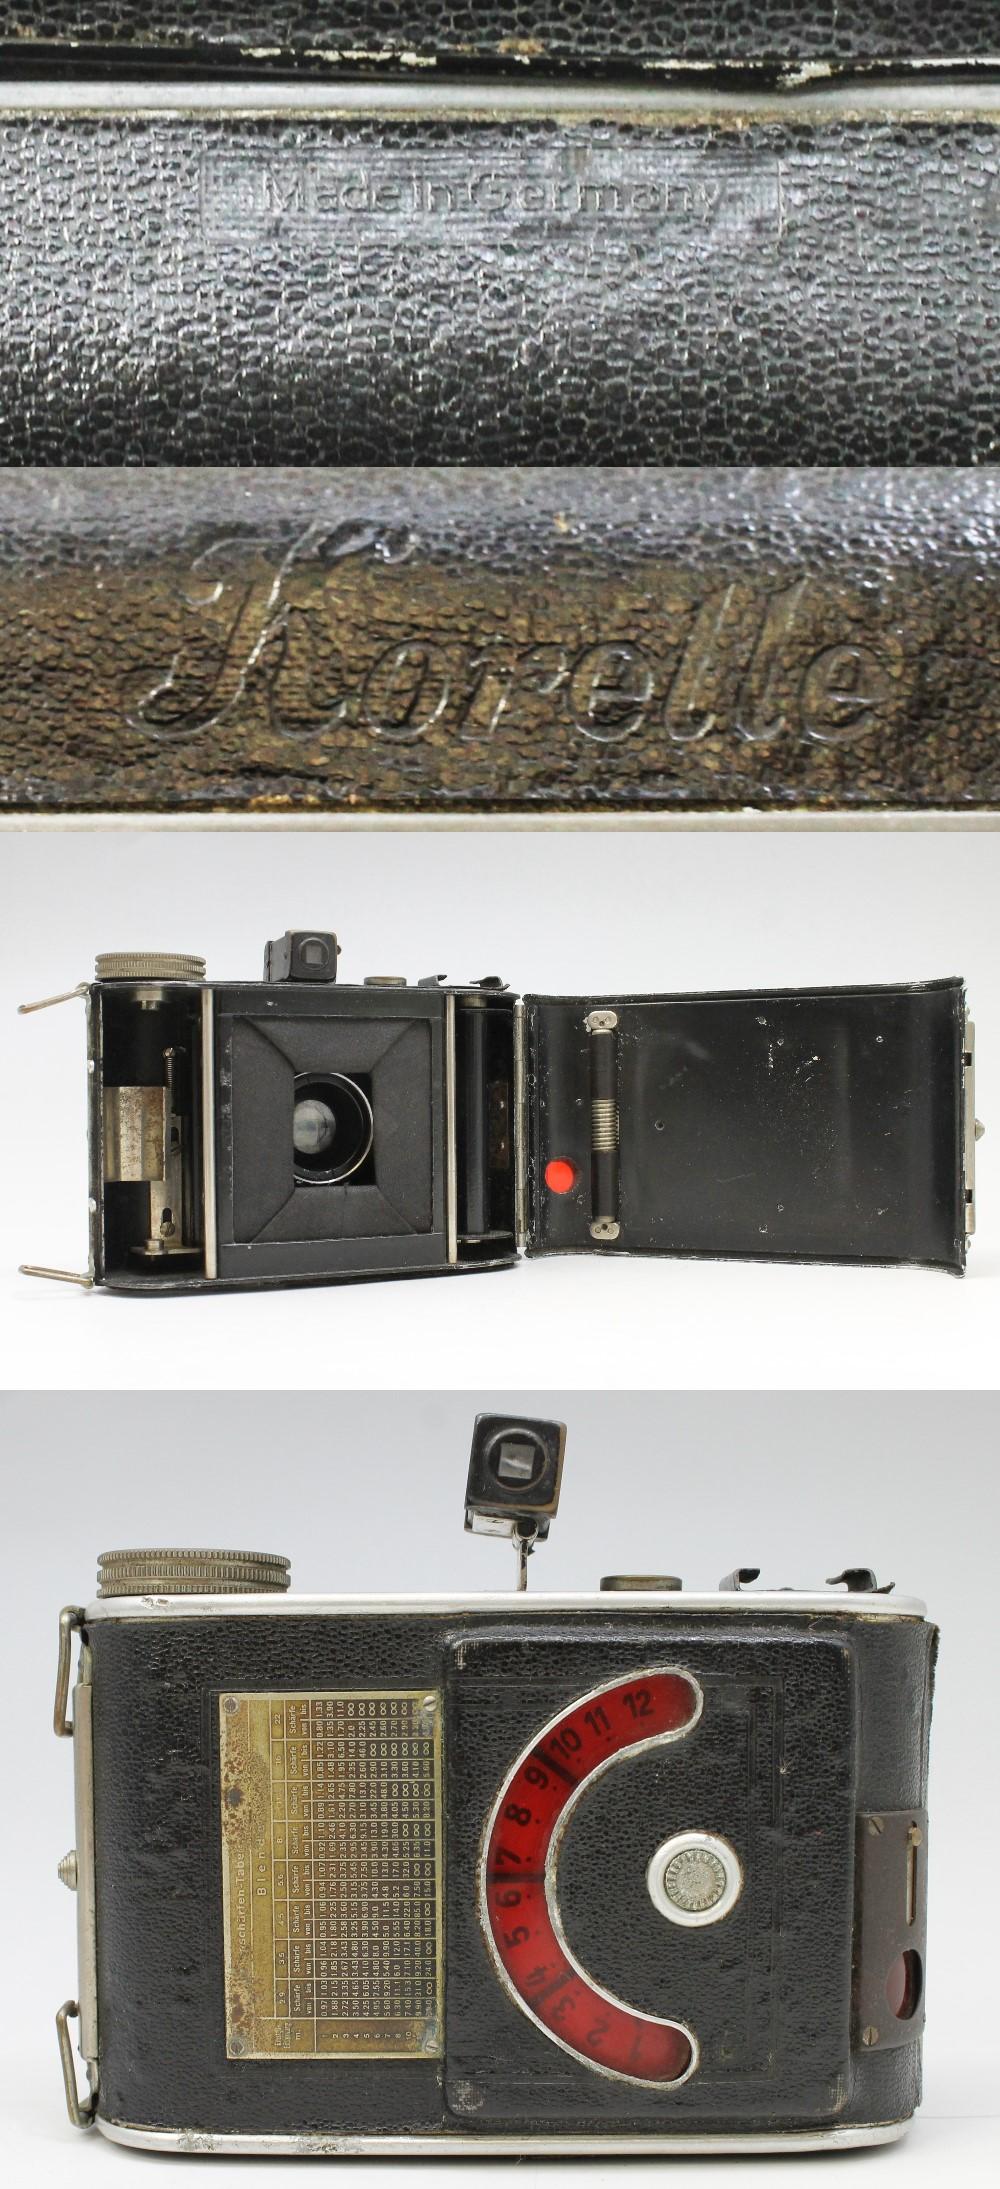 310コッチマンカメラ追加1